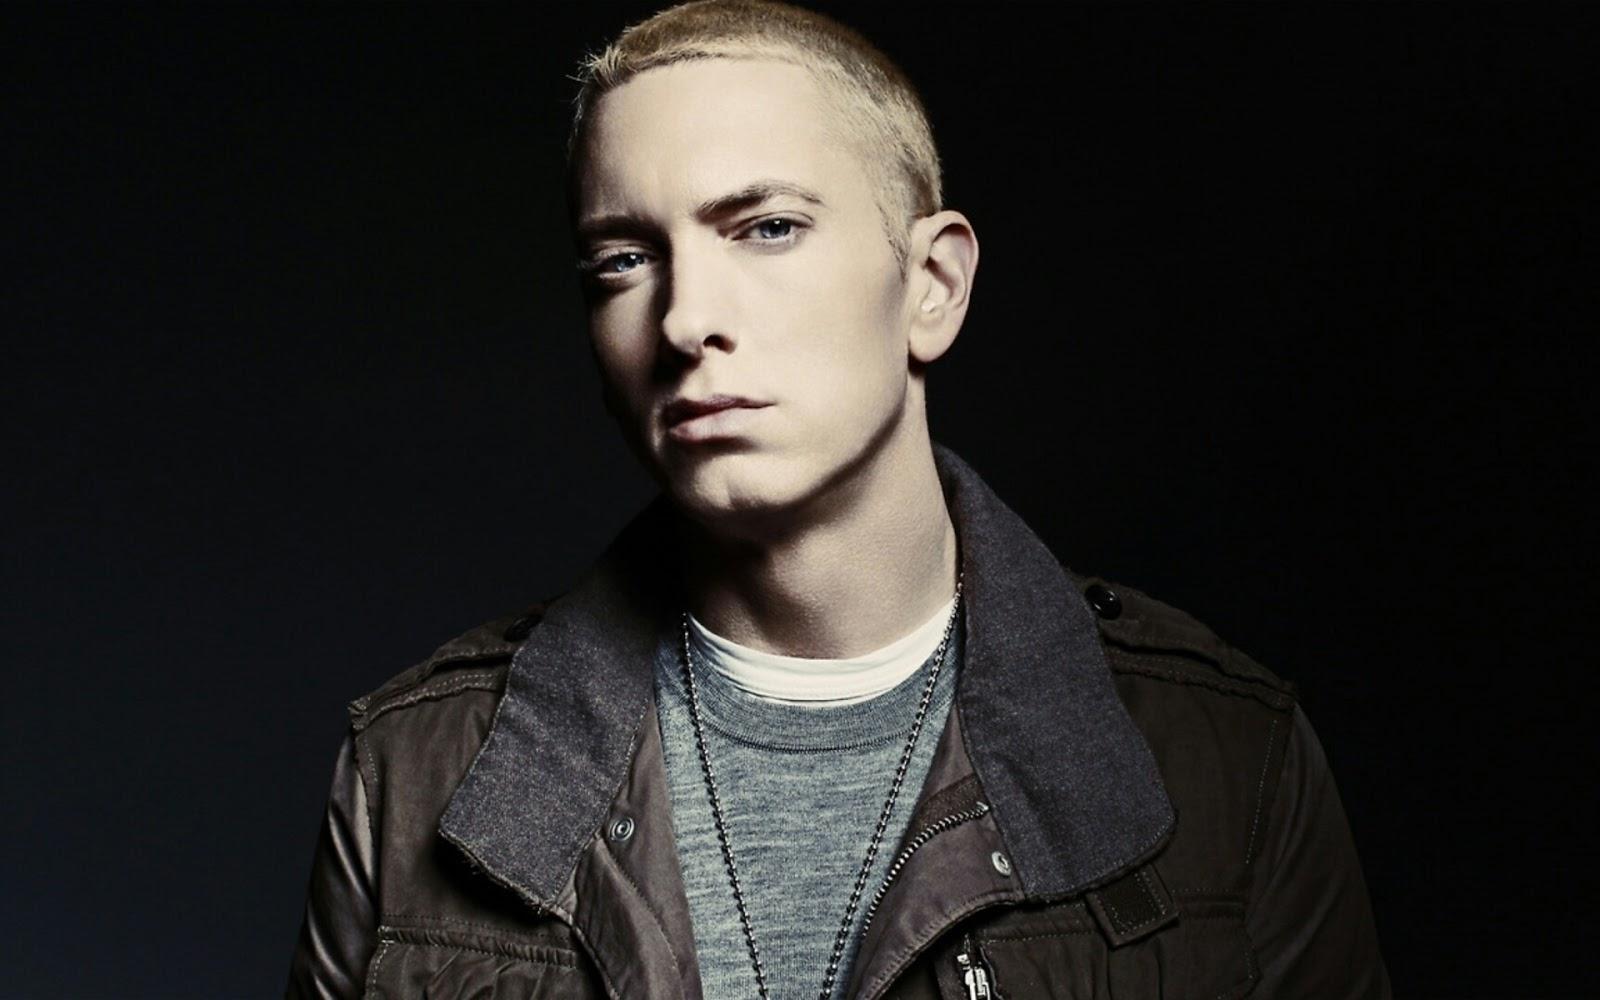 Bad Guy - Eminem: testo tradotto - Traduzione in italiano